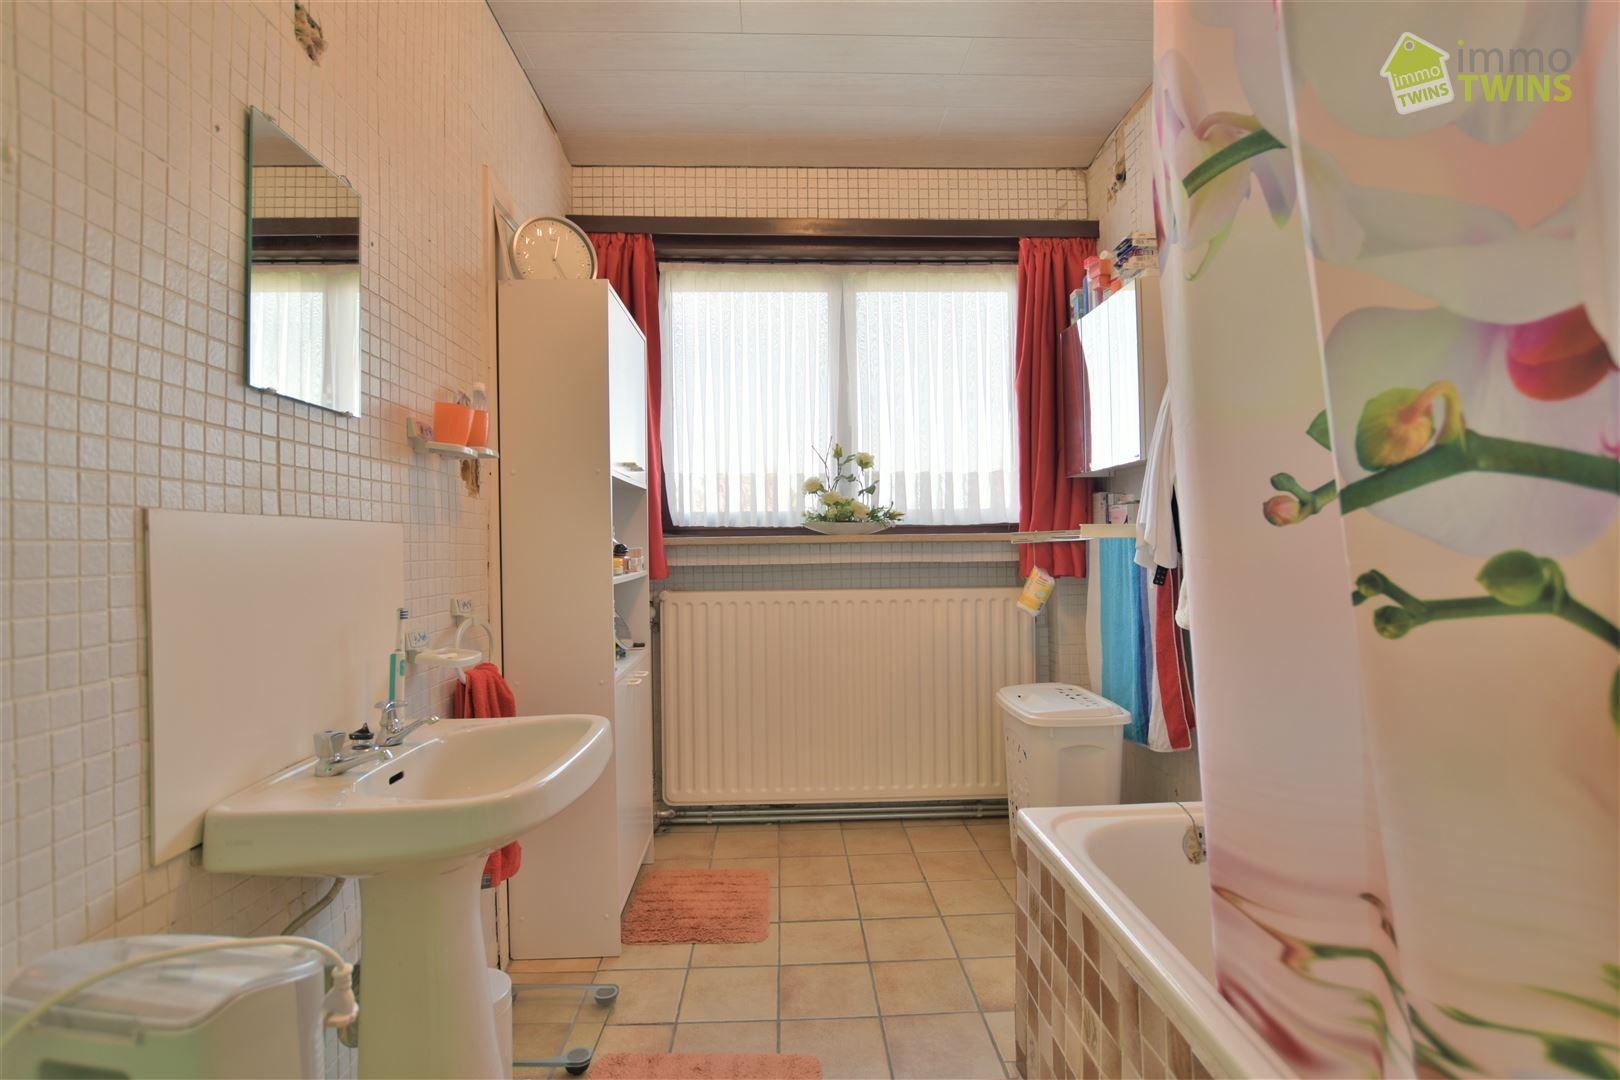 Foto 11 : Appartement te 9300 AALST (België) - Prijs € 224.000